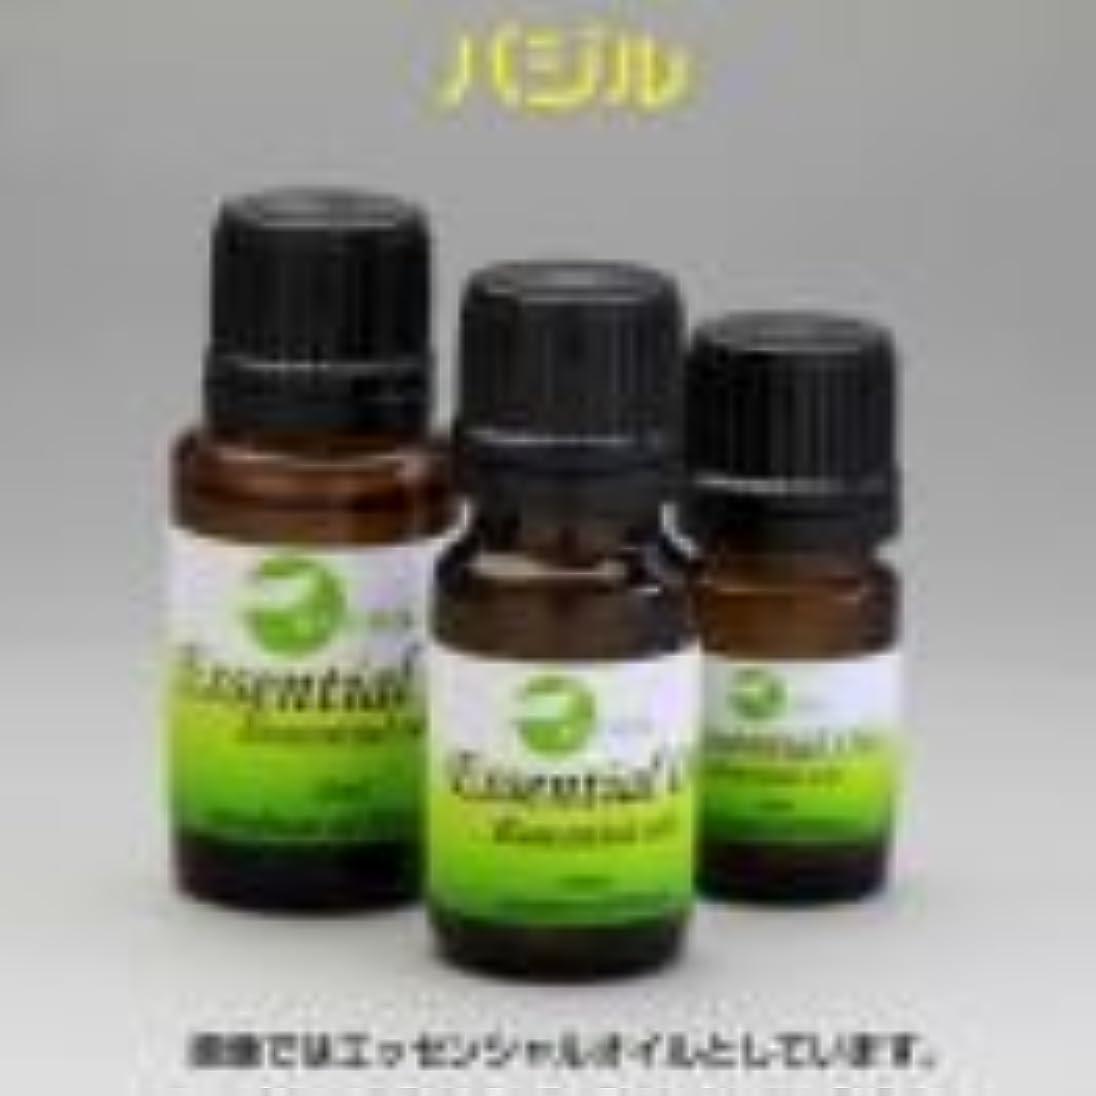 札入れ青写真配送[エッセンシャルオイル] 清々しい薬草的な香り バジル 15ml